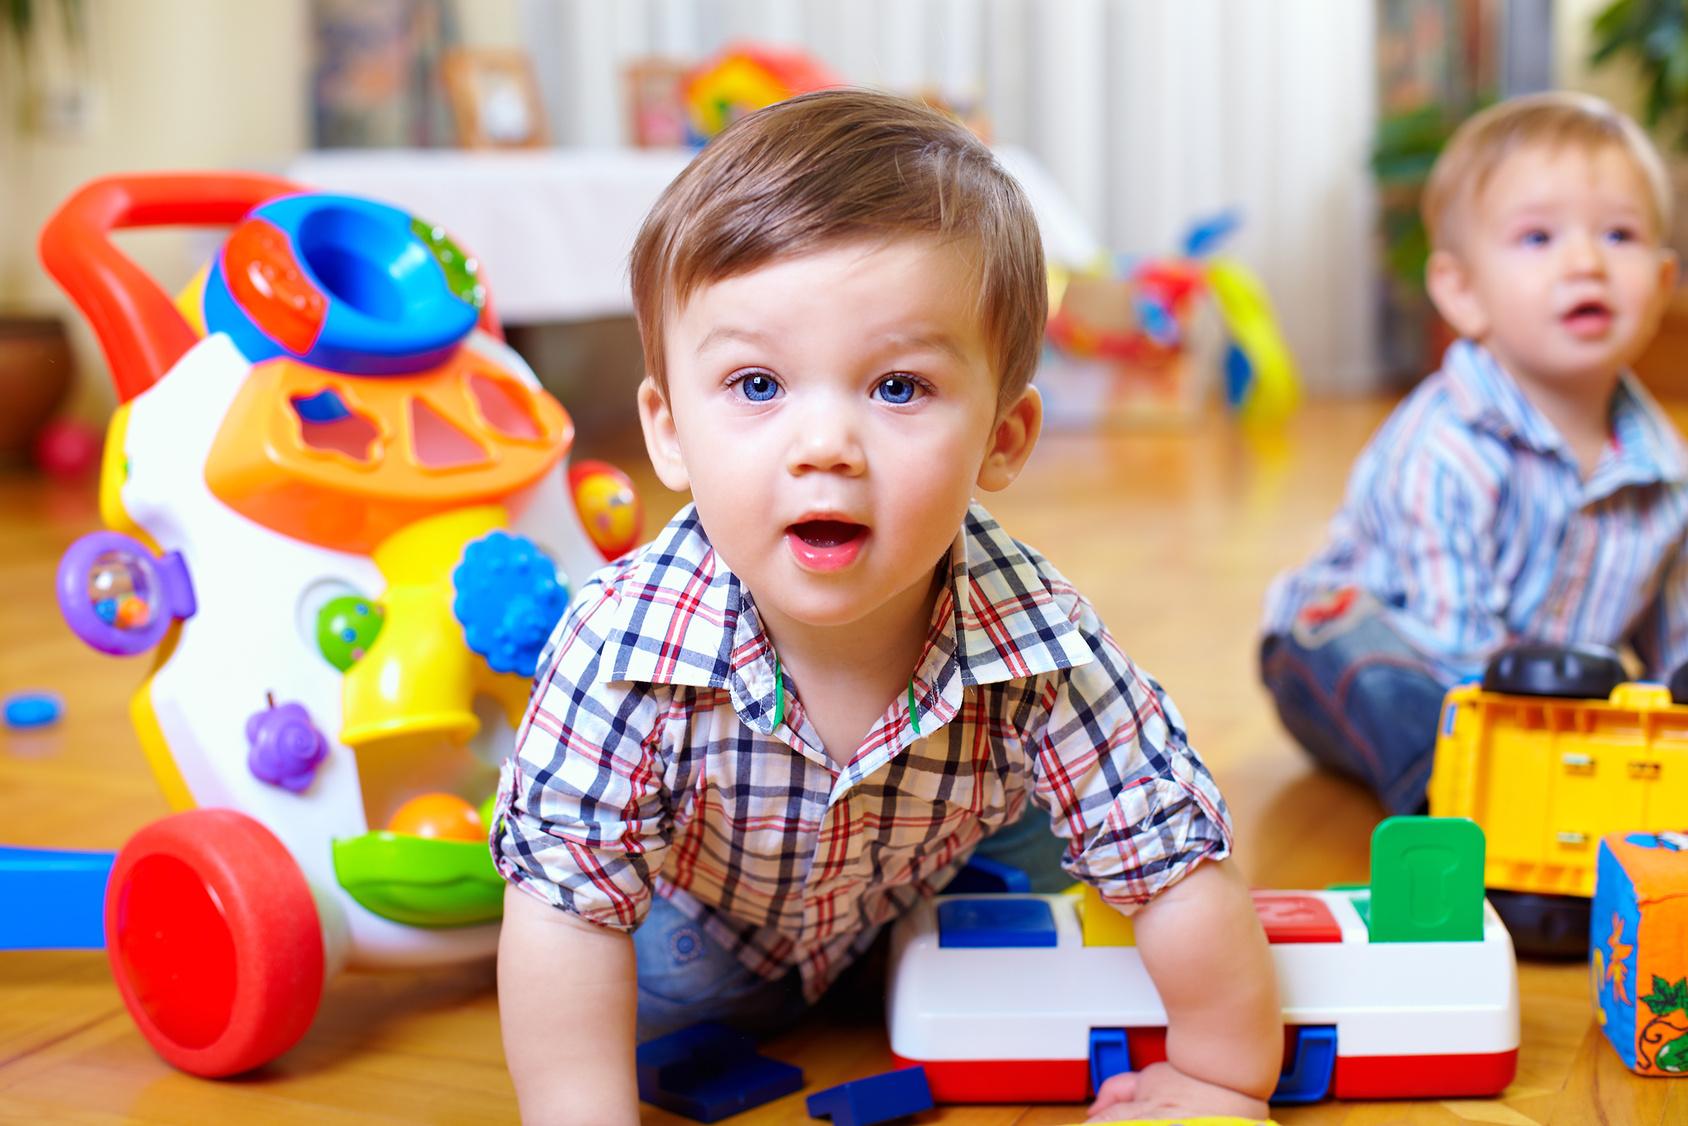 Zwei mit Plastikspielzeugen spielende Kinder